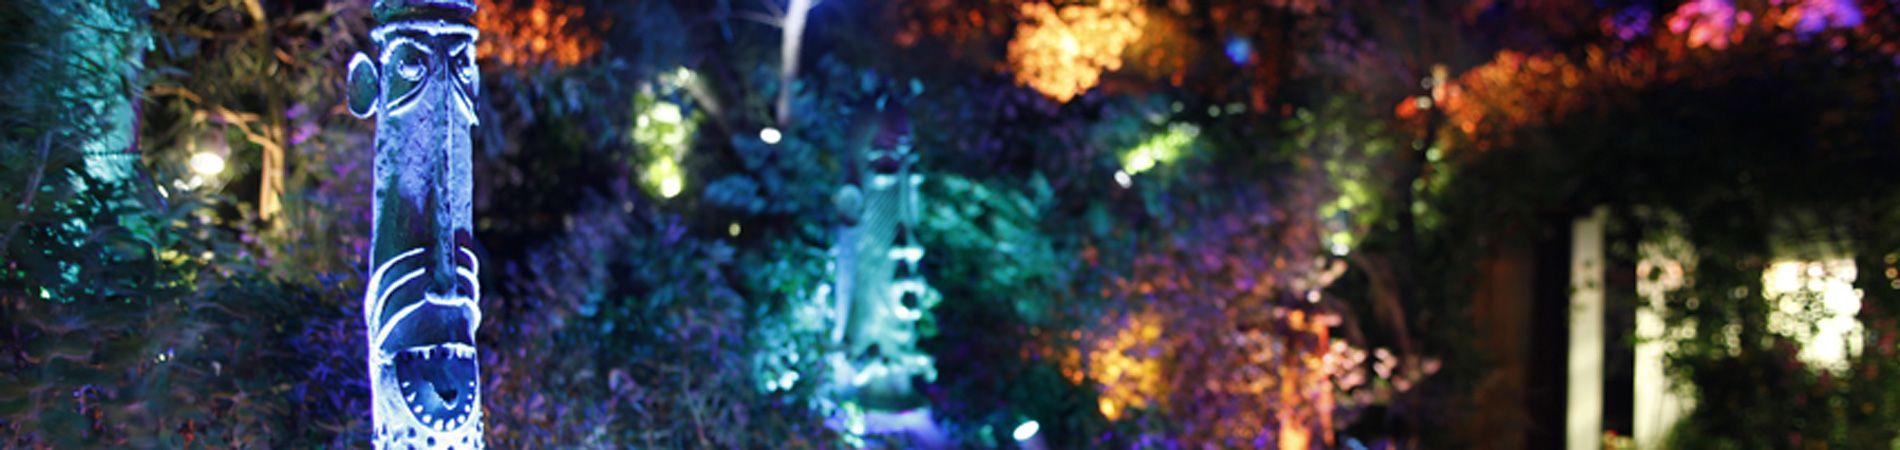 Las iluminaciones mágicas del artista JN Shoemaker en el restaurante Les Grands Buffets